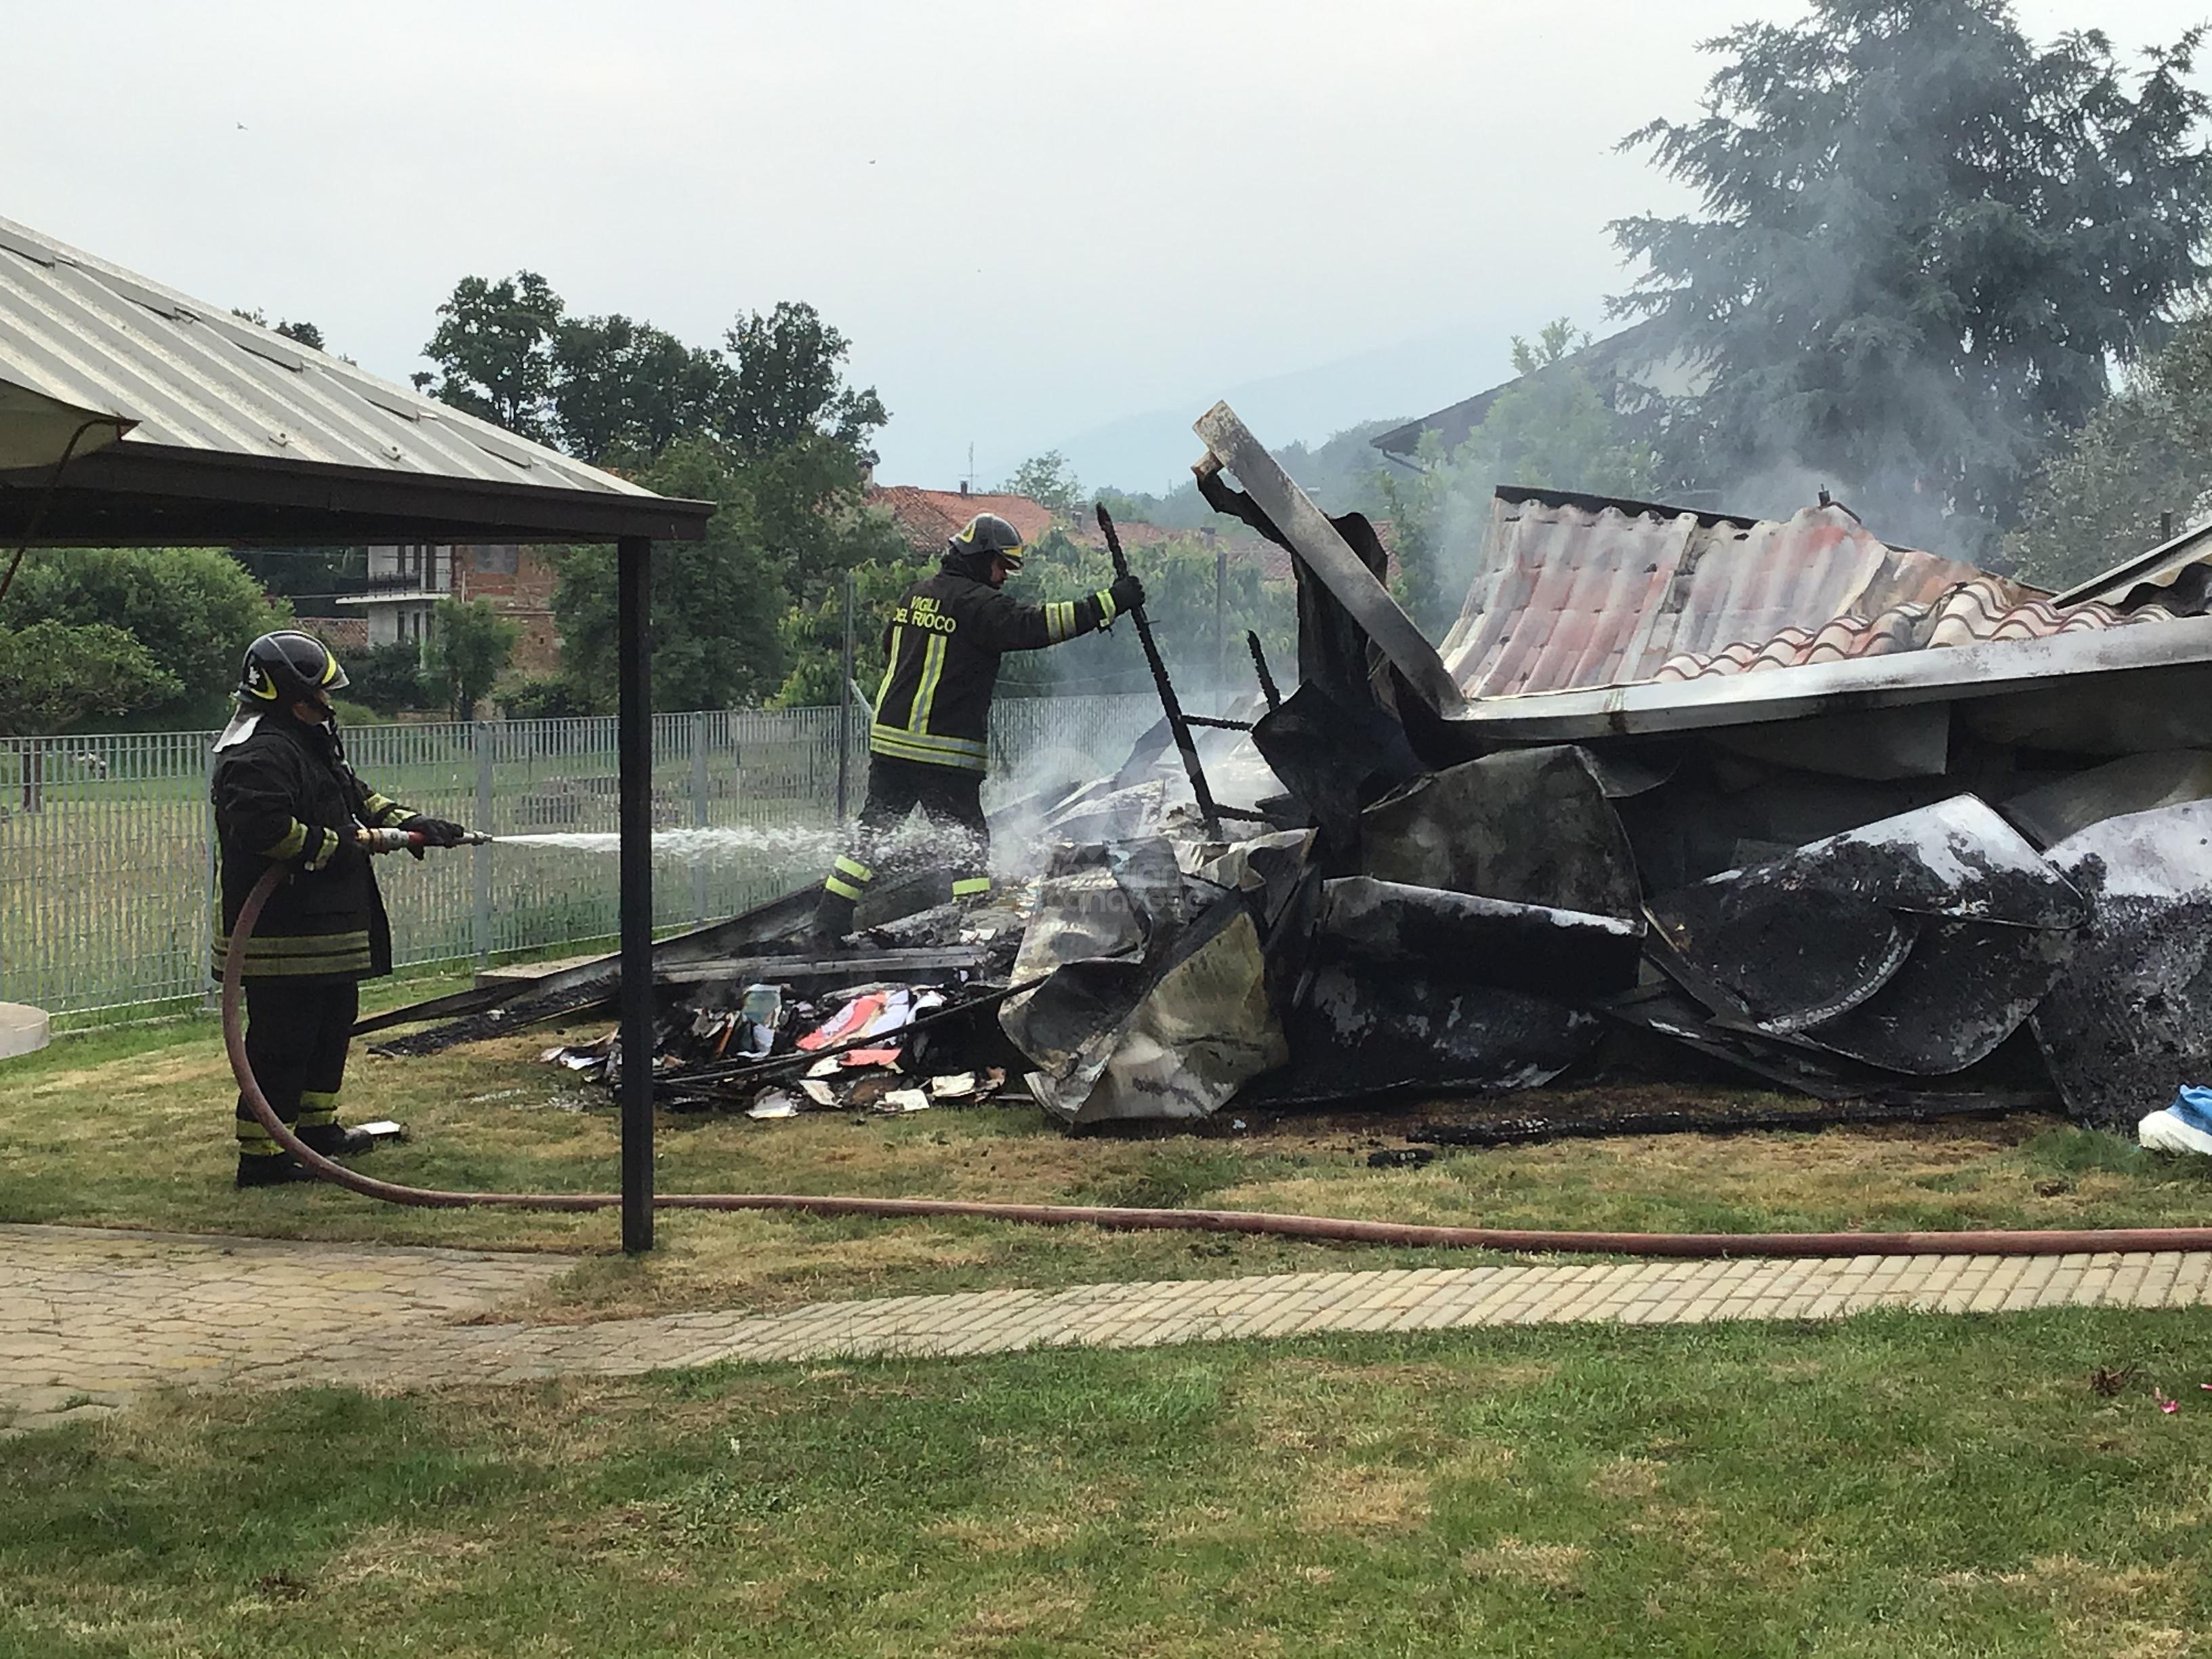 CASTELLAMONTE - Auto a fuoco, crolla il garage. Intervento dei vigili del fuoco - FOTO e VIDEO